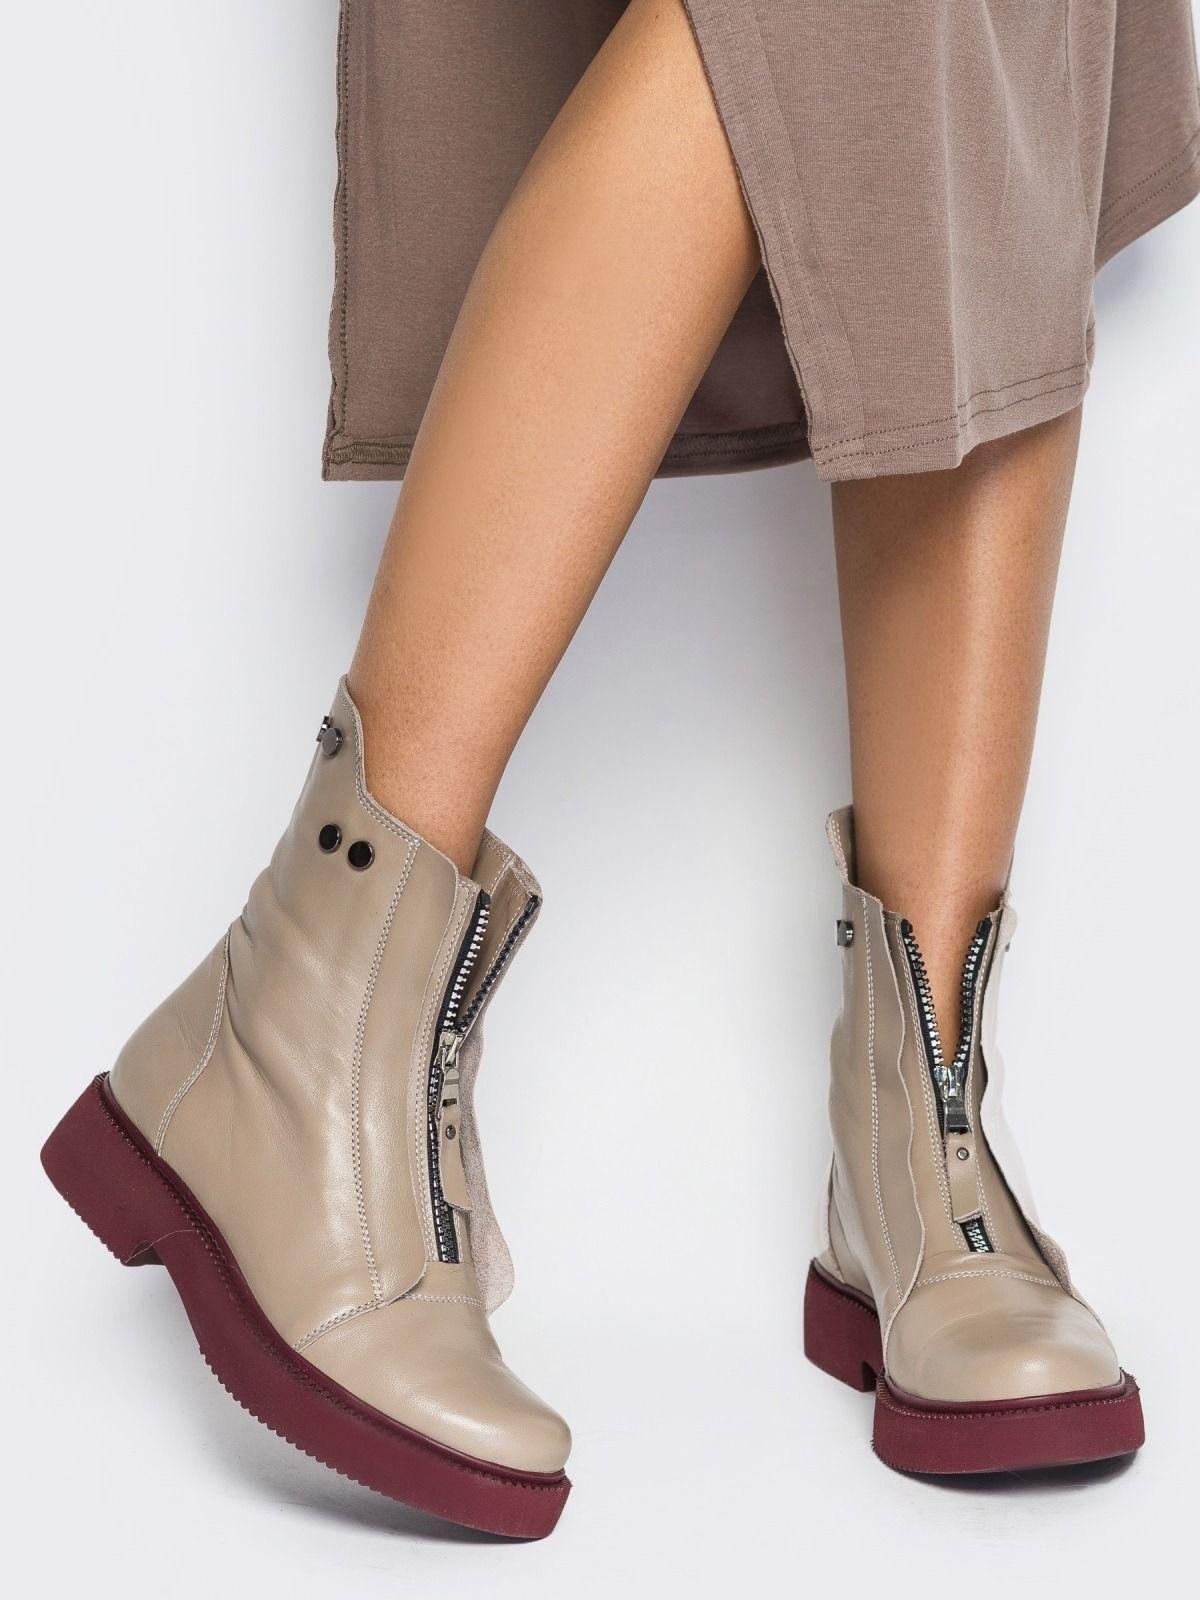 0163ec437 100 стильных трендов: Модные женские ботинки 2019, новинки на фото ...